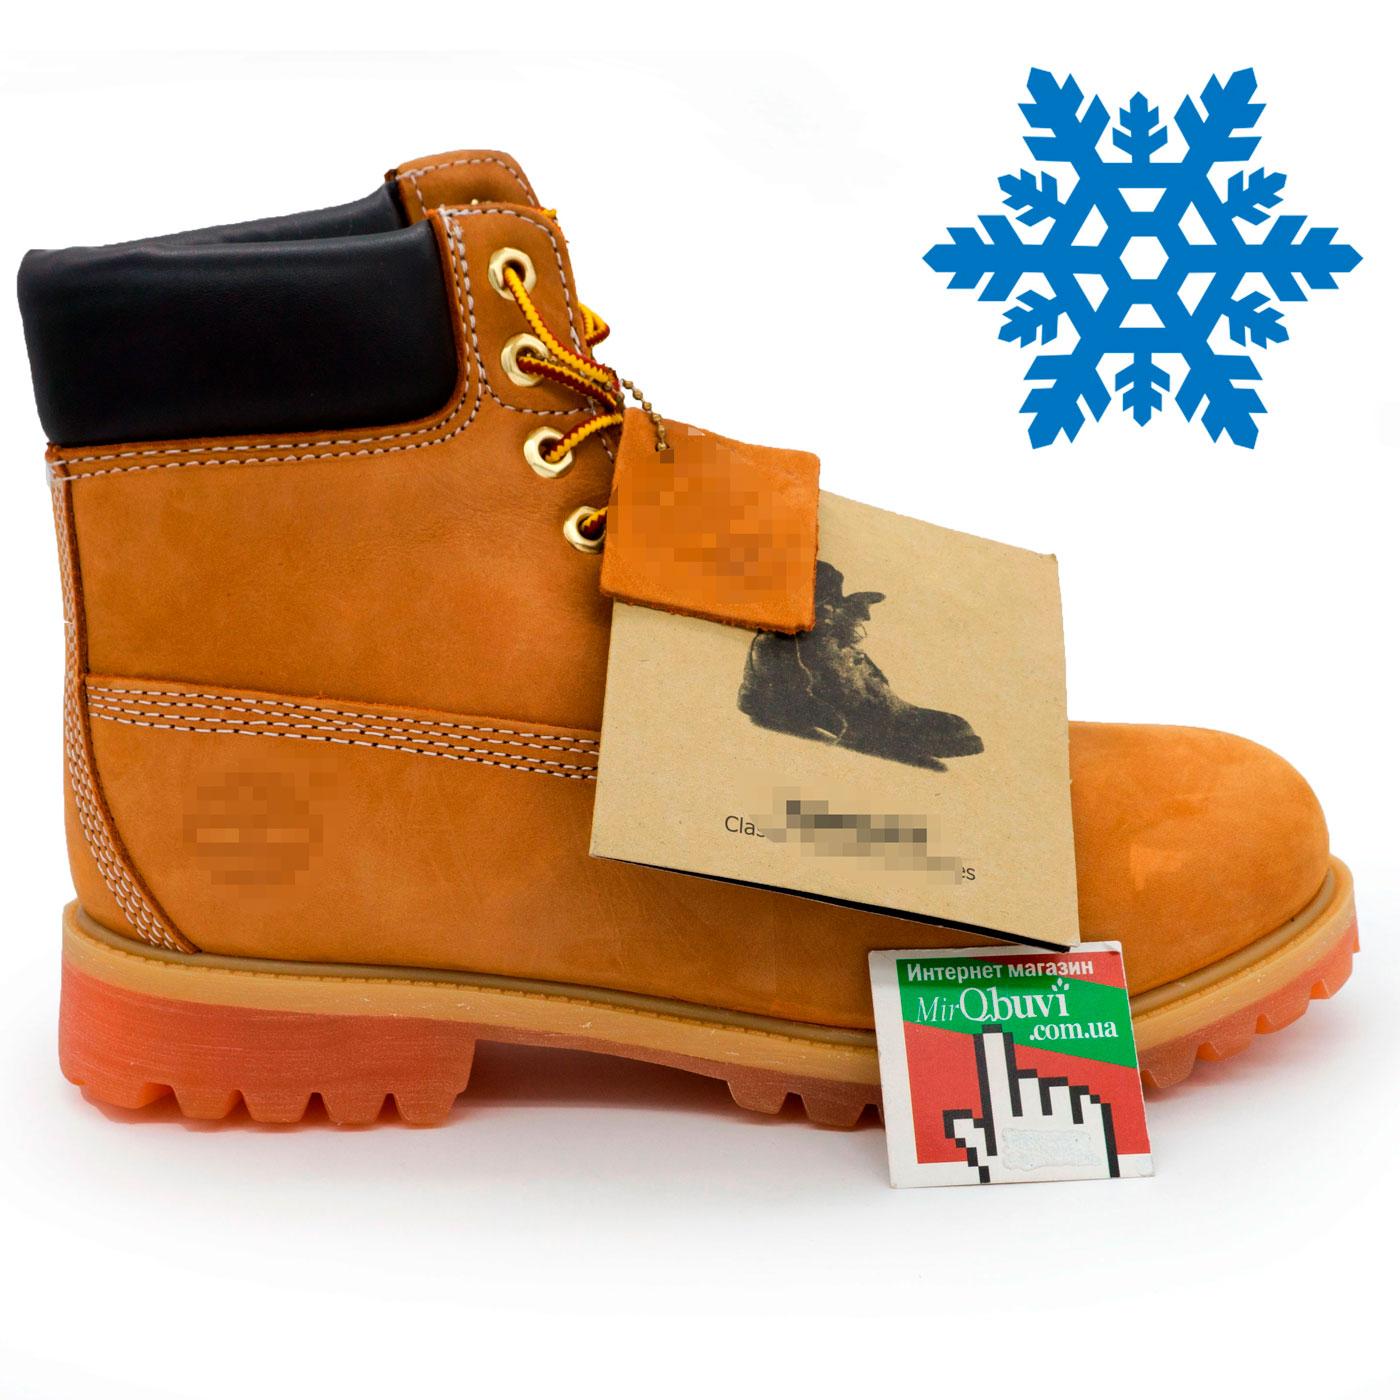 Купить ботинки Тимберленд (Timberland) в Киеве - интернет магазин ... dd8b2d117f387